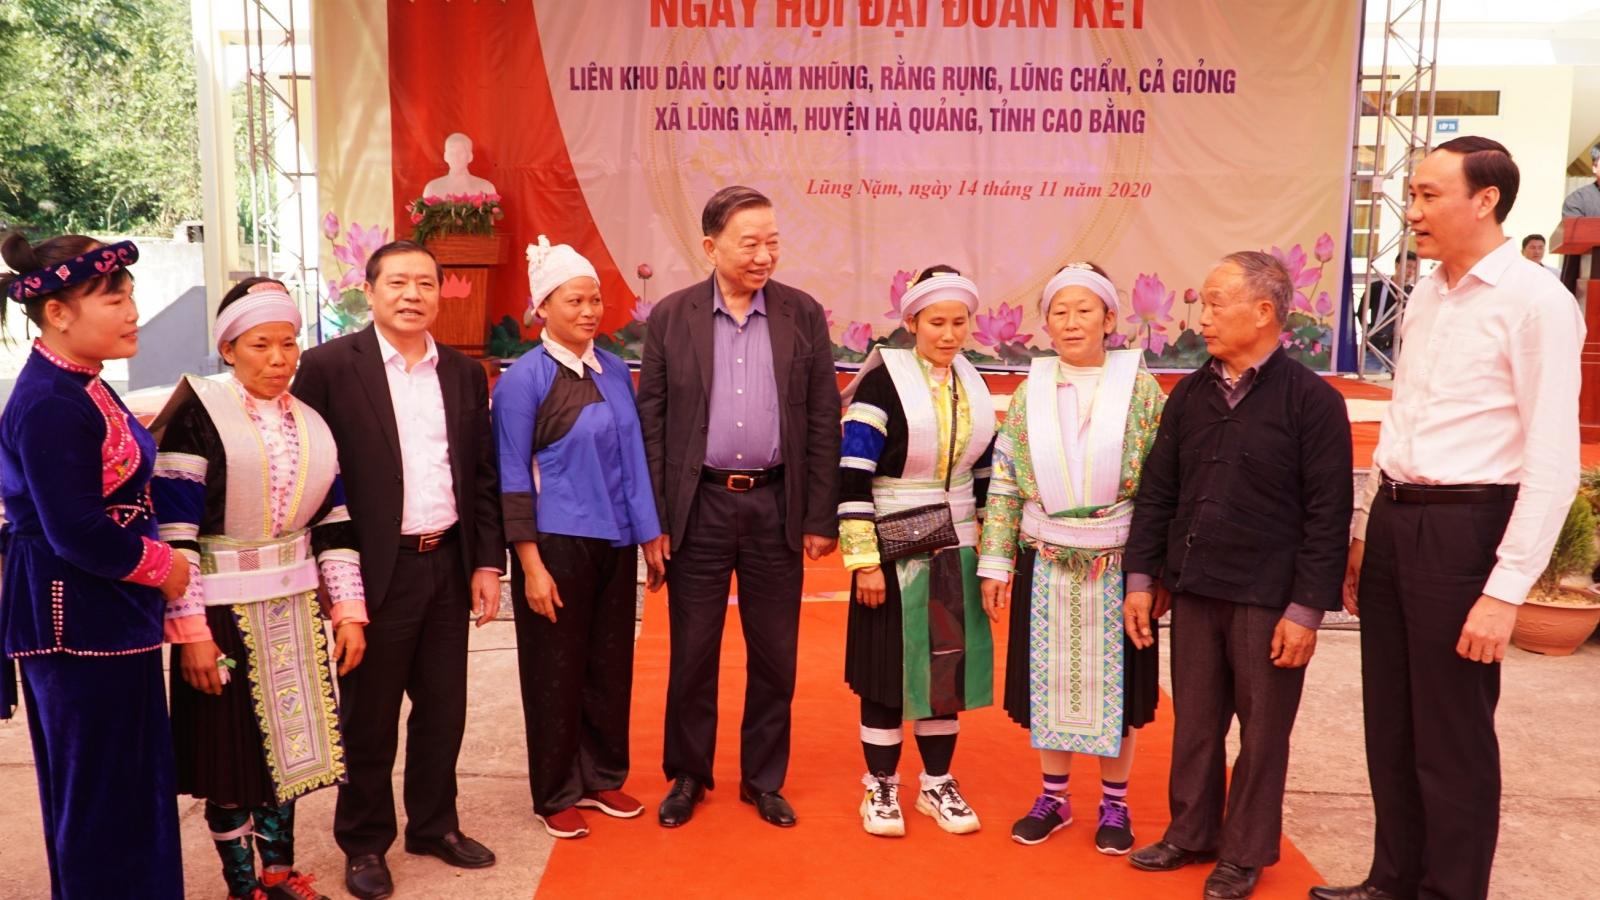 Bộ trưởng Bộ Công an dự ngày hội đại đoàn kết tại Cao Bằng